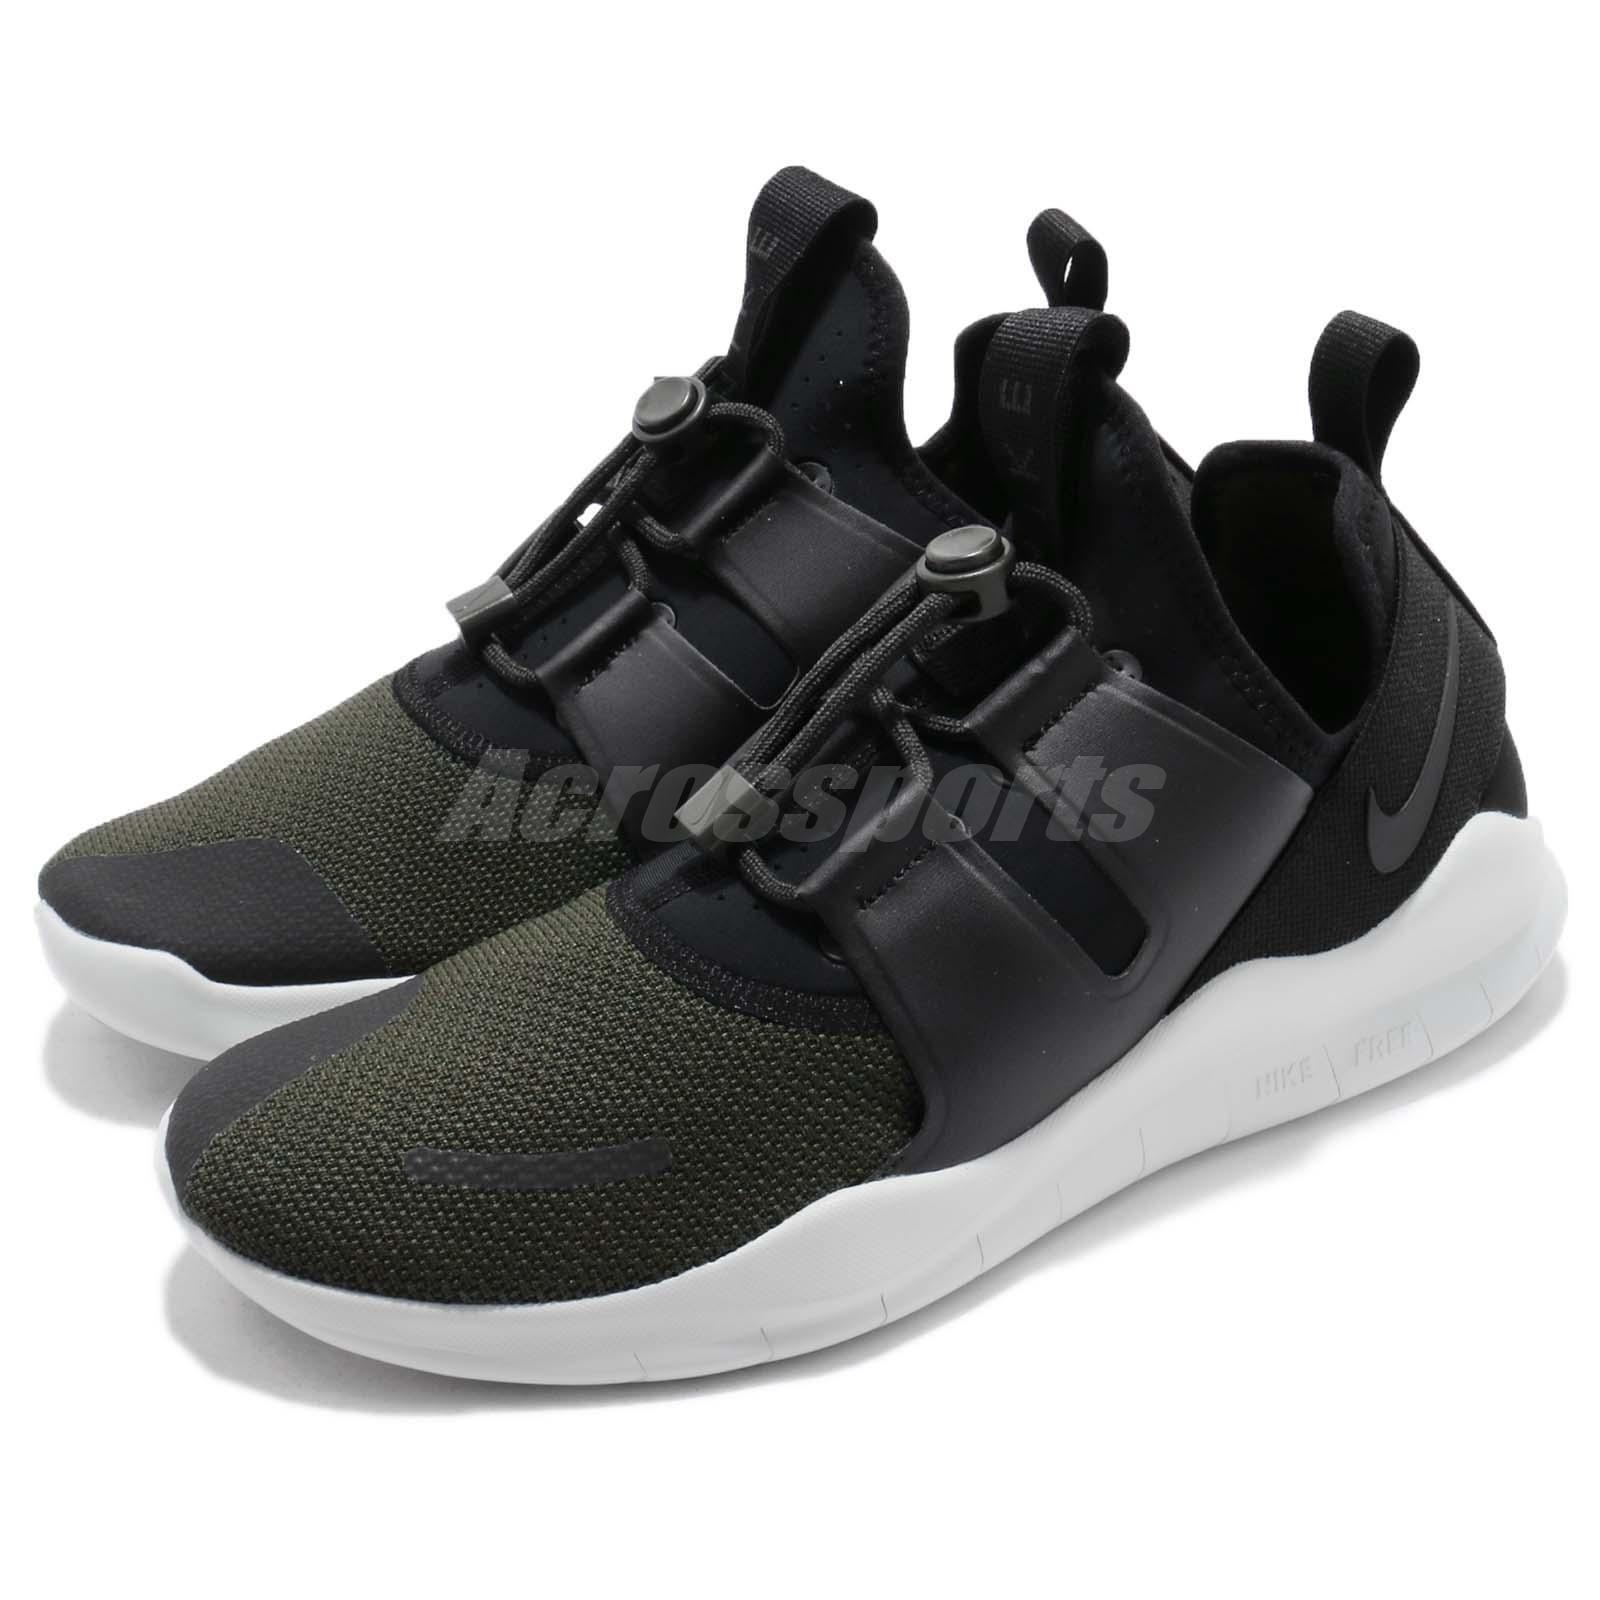 Nike Free RN CMTR 2018 PRM courir noir Sequoia homme fonctionnement chaussures Sneaker AJ8308-003